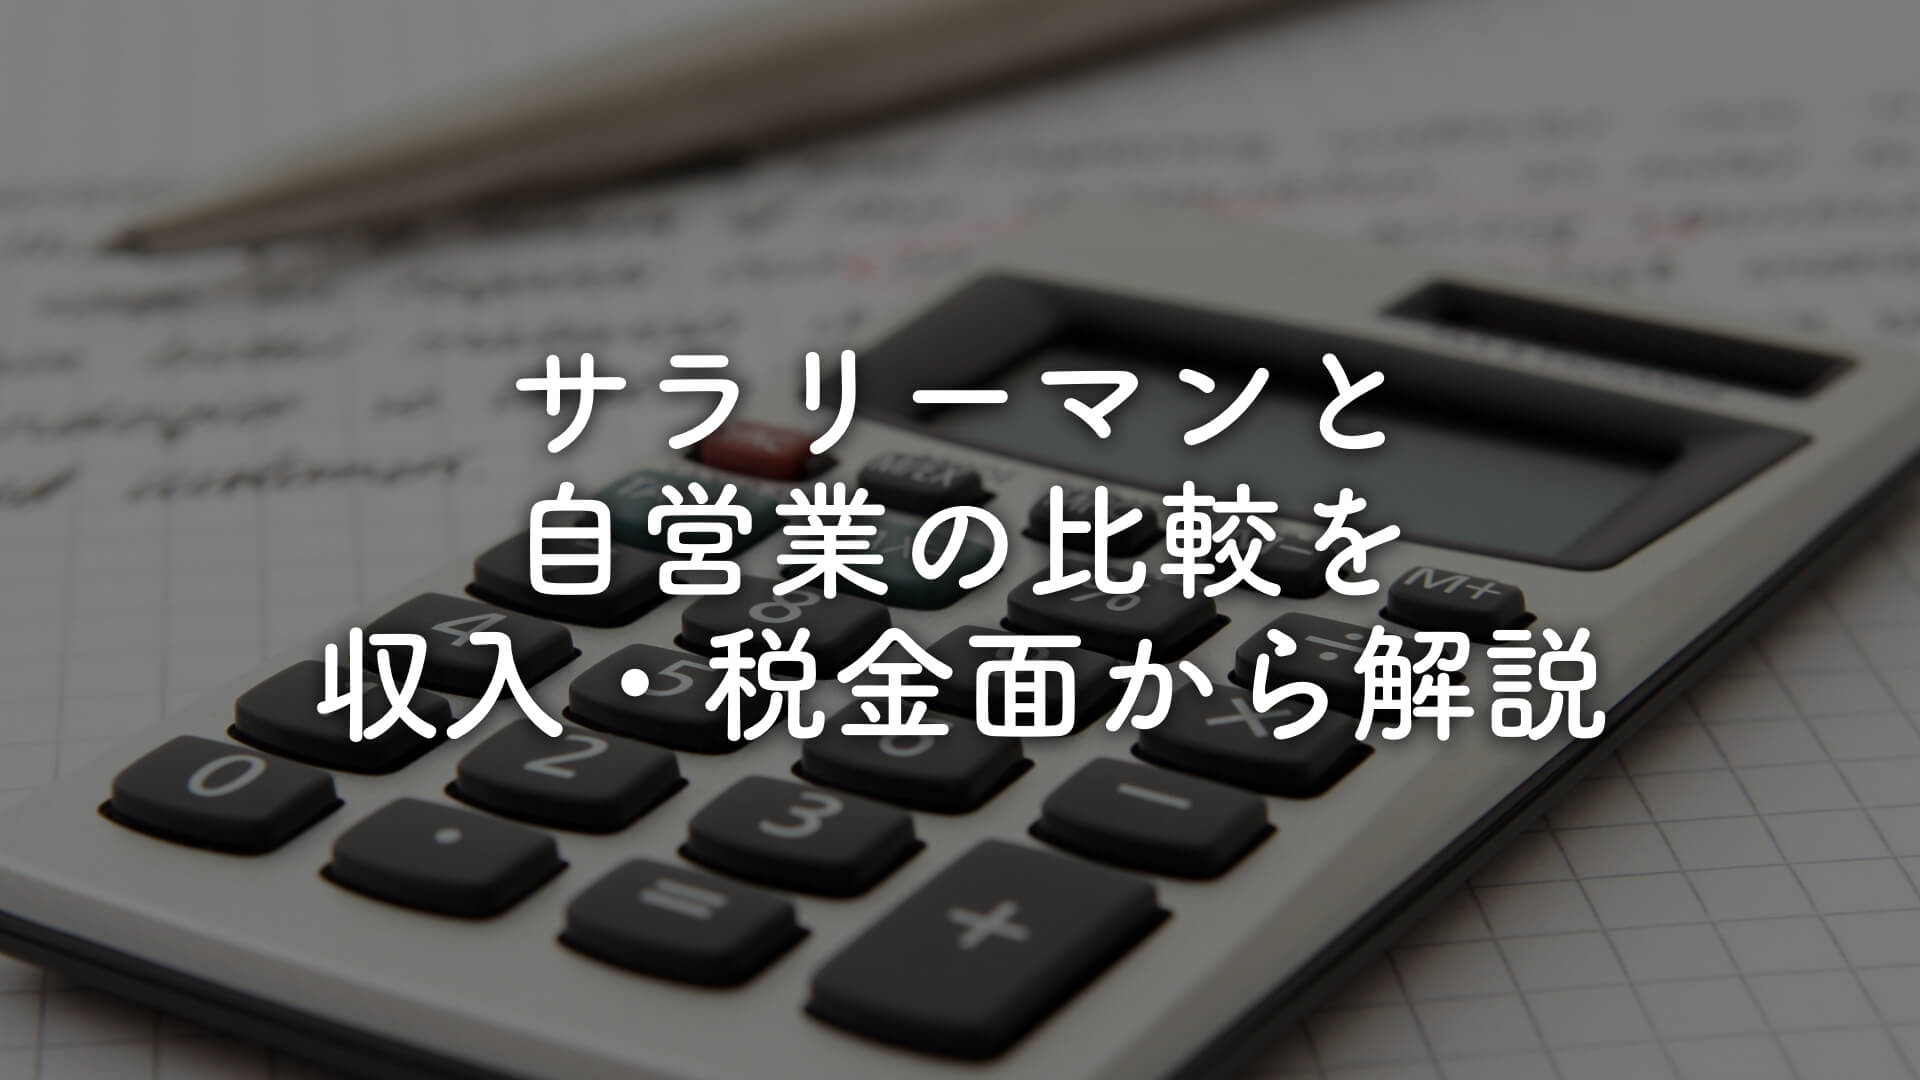 サラリーマンと自営業の比較を収入・税金から解説